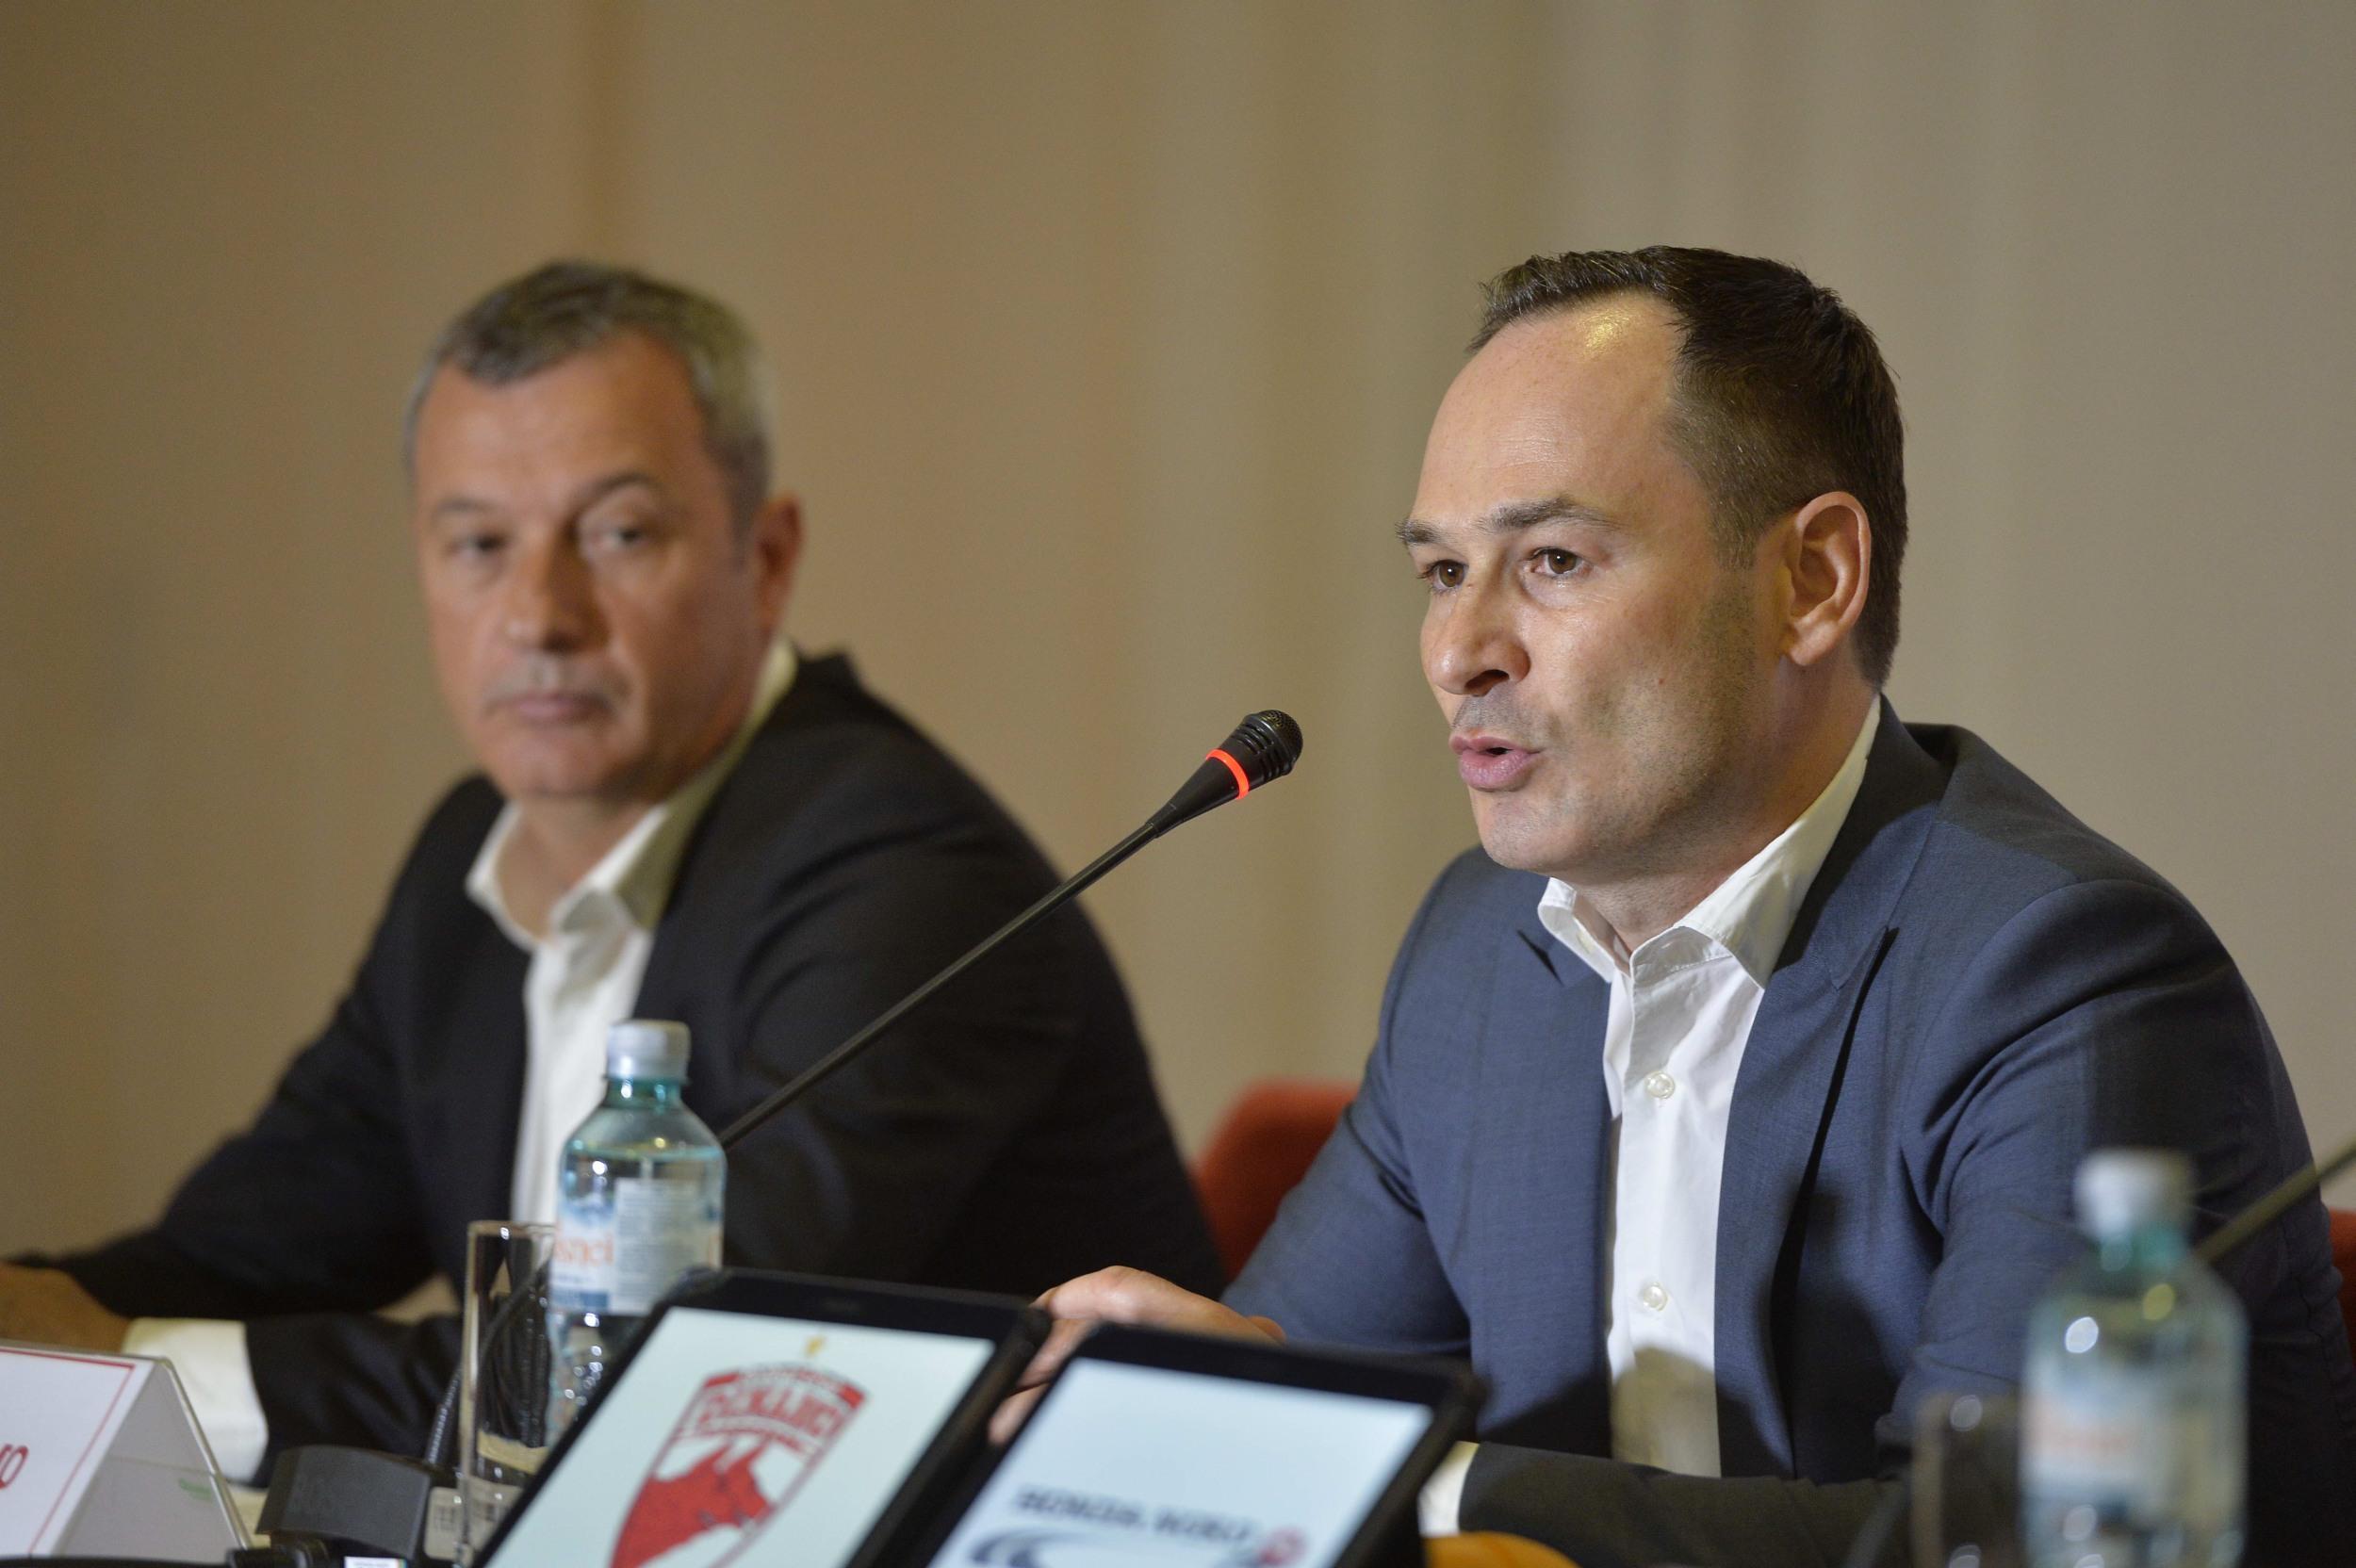 Ionuț Negoiță a stabilit suma pentru care este dispus să vândă Dinamo. Detaliile negocierilor cu armatorul grec Konstantinos Tsakiris